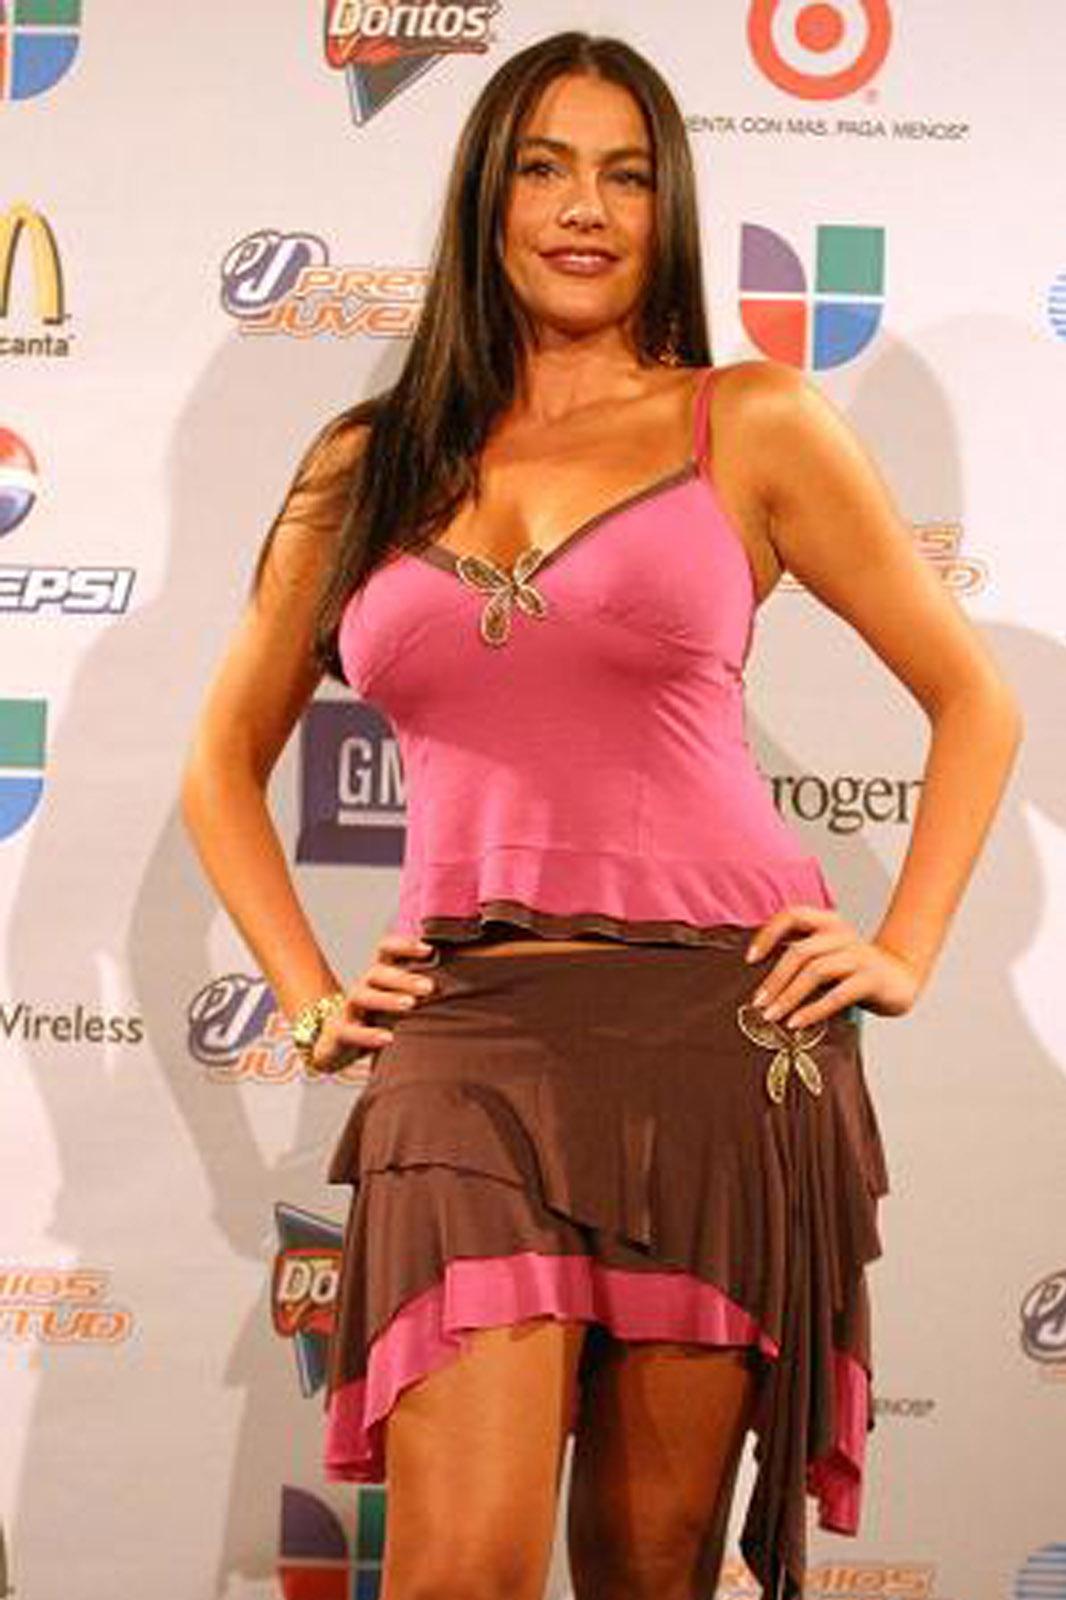 Sofía vergara sexy photos